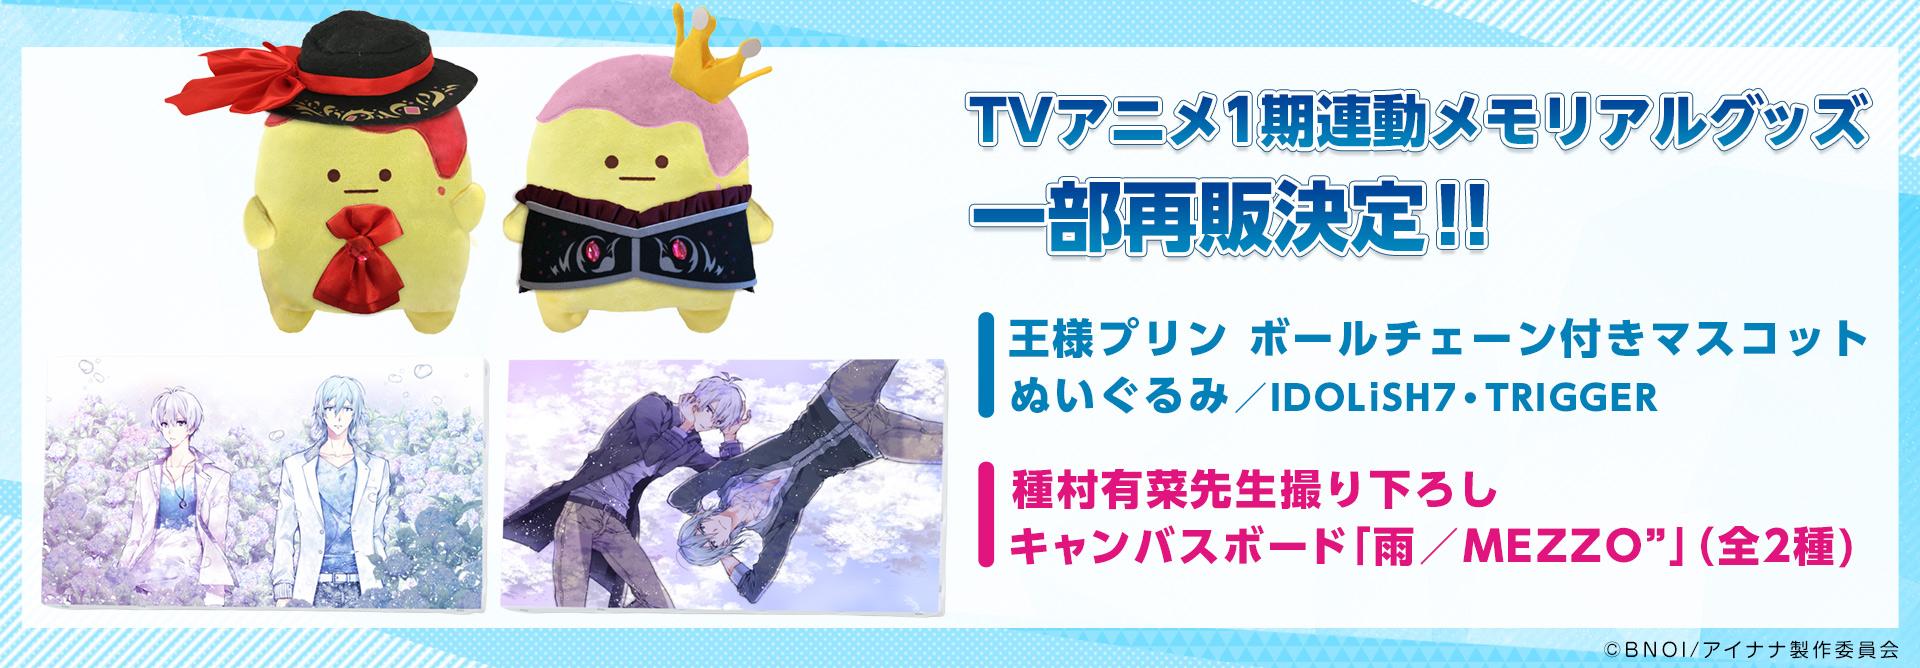 TVアニメ「アイドリッシュセブン」1期連動メモリアルグッズ一部再販決定!』